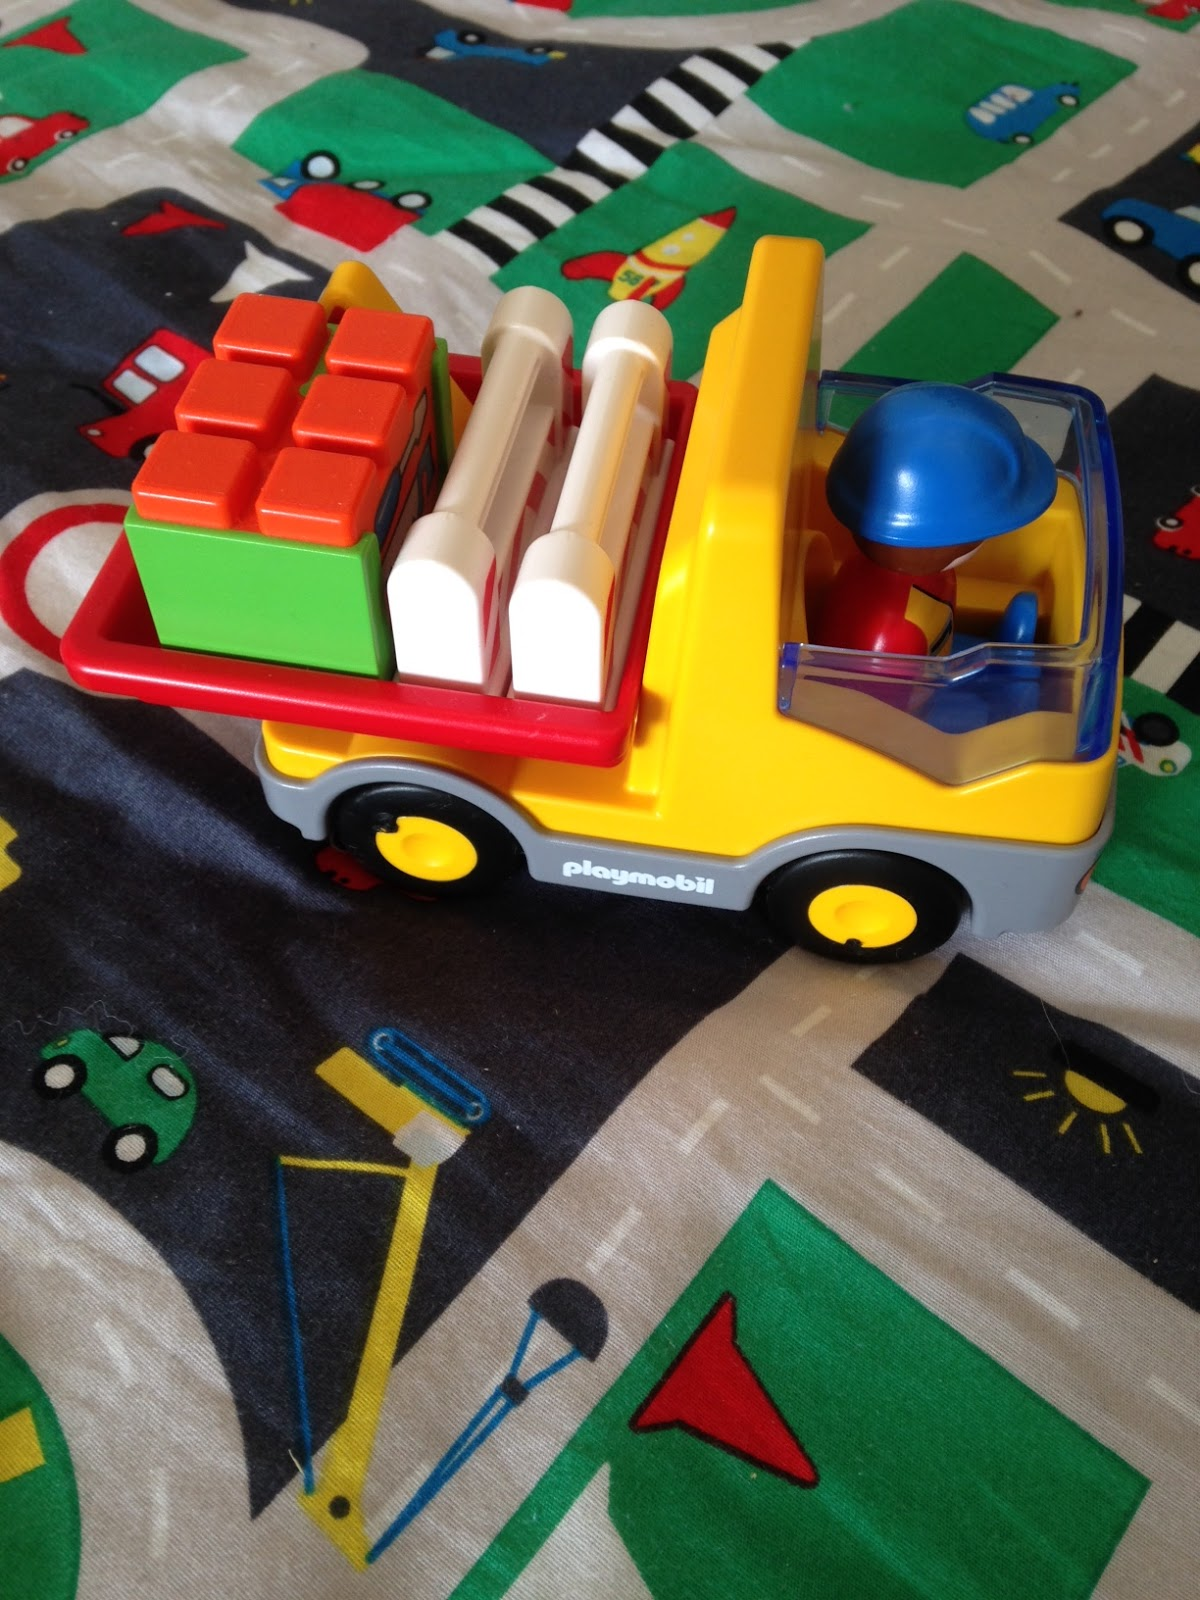 Playmobil 6784 Figurine Maison De Campagne Amazon Jeux